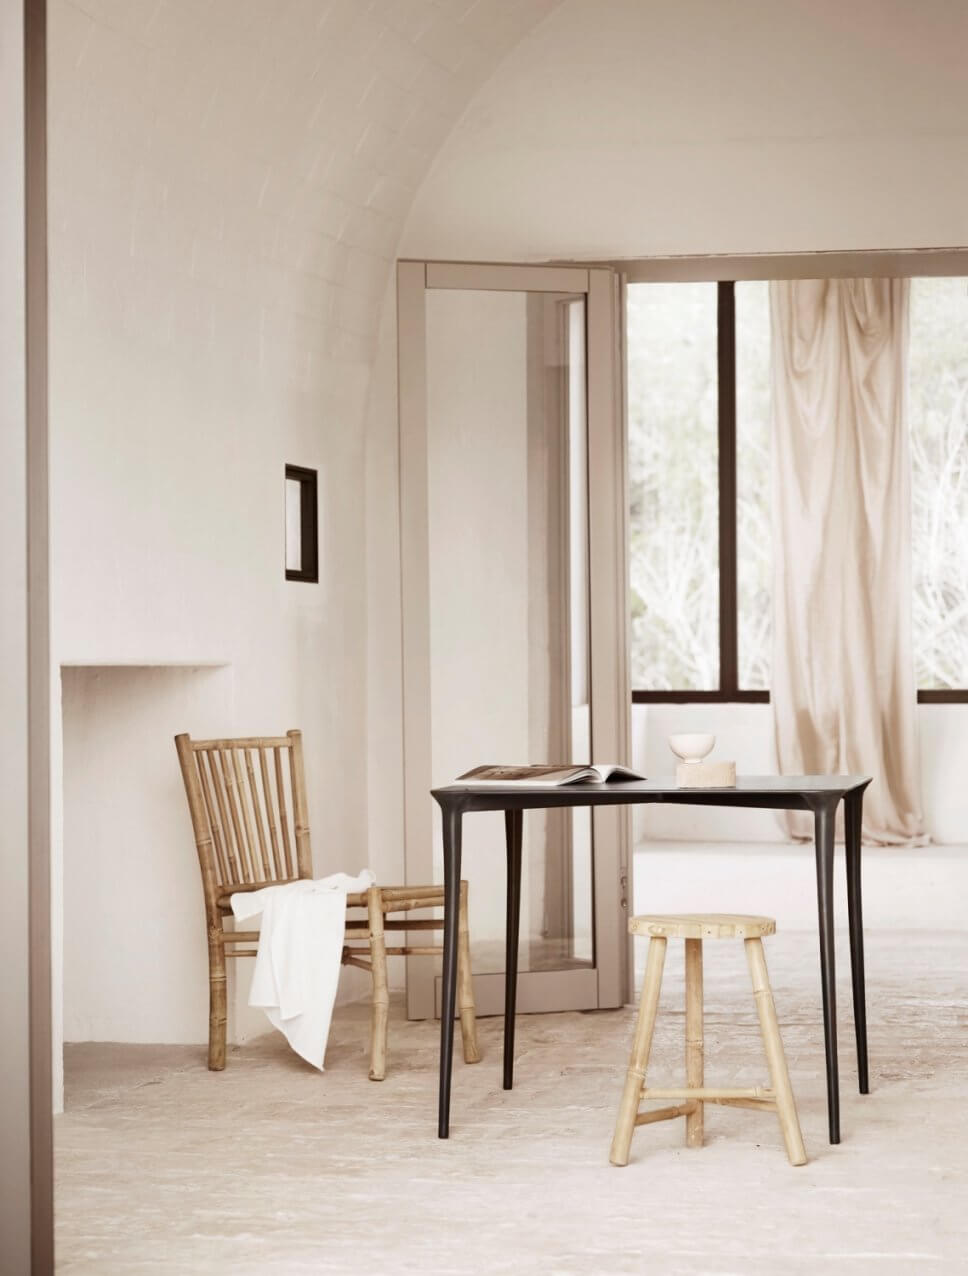 Modernes Esszimmer mit Tisch, Hocker und Stuhl in mediterranem Haus mit Gewölbedecke